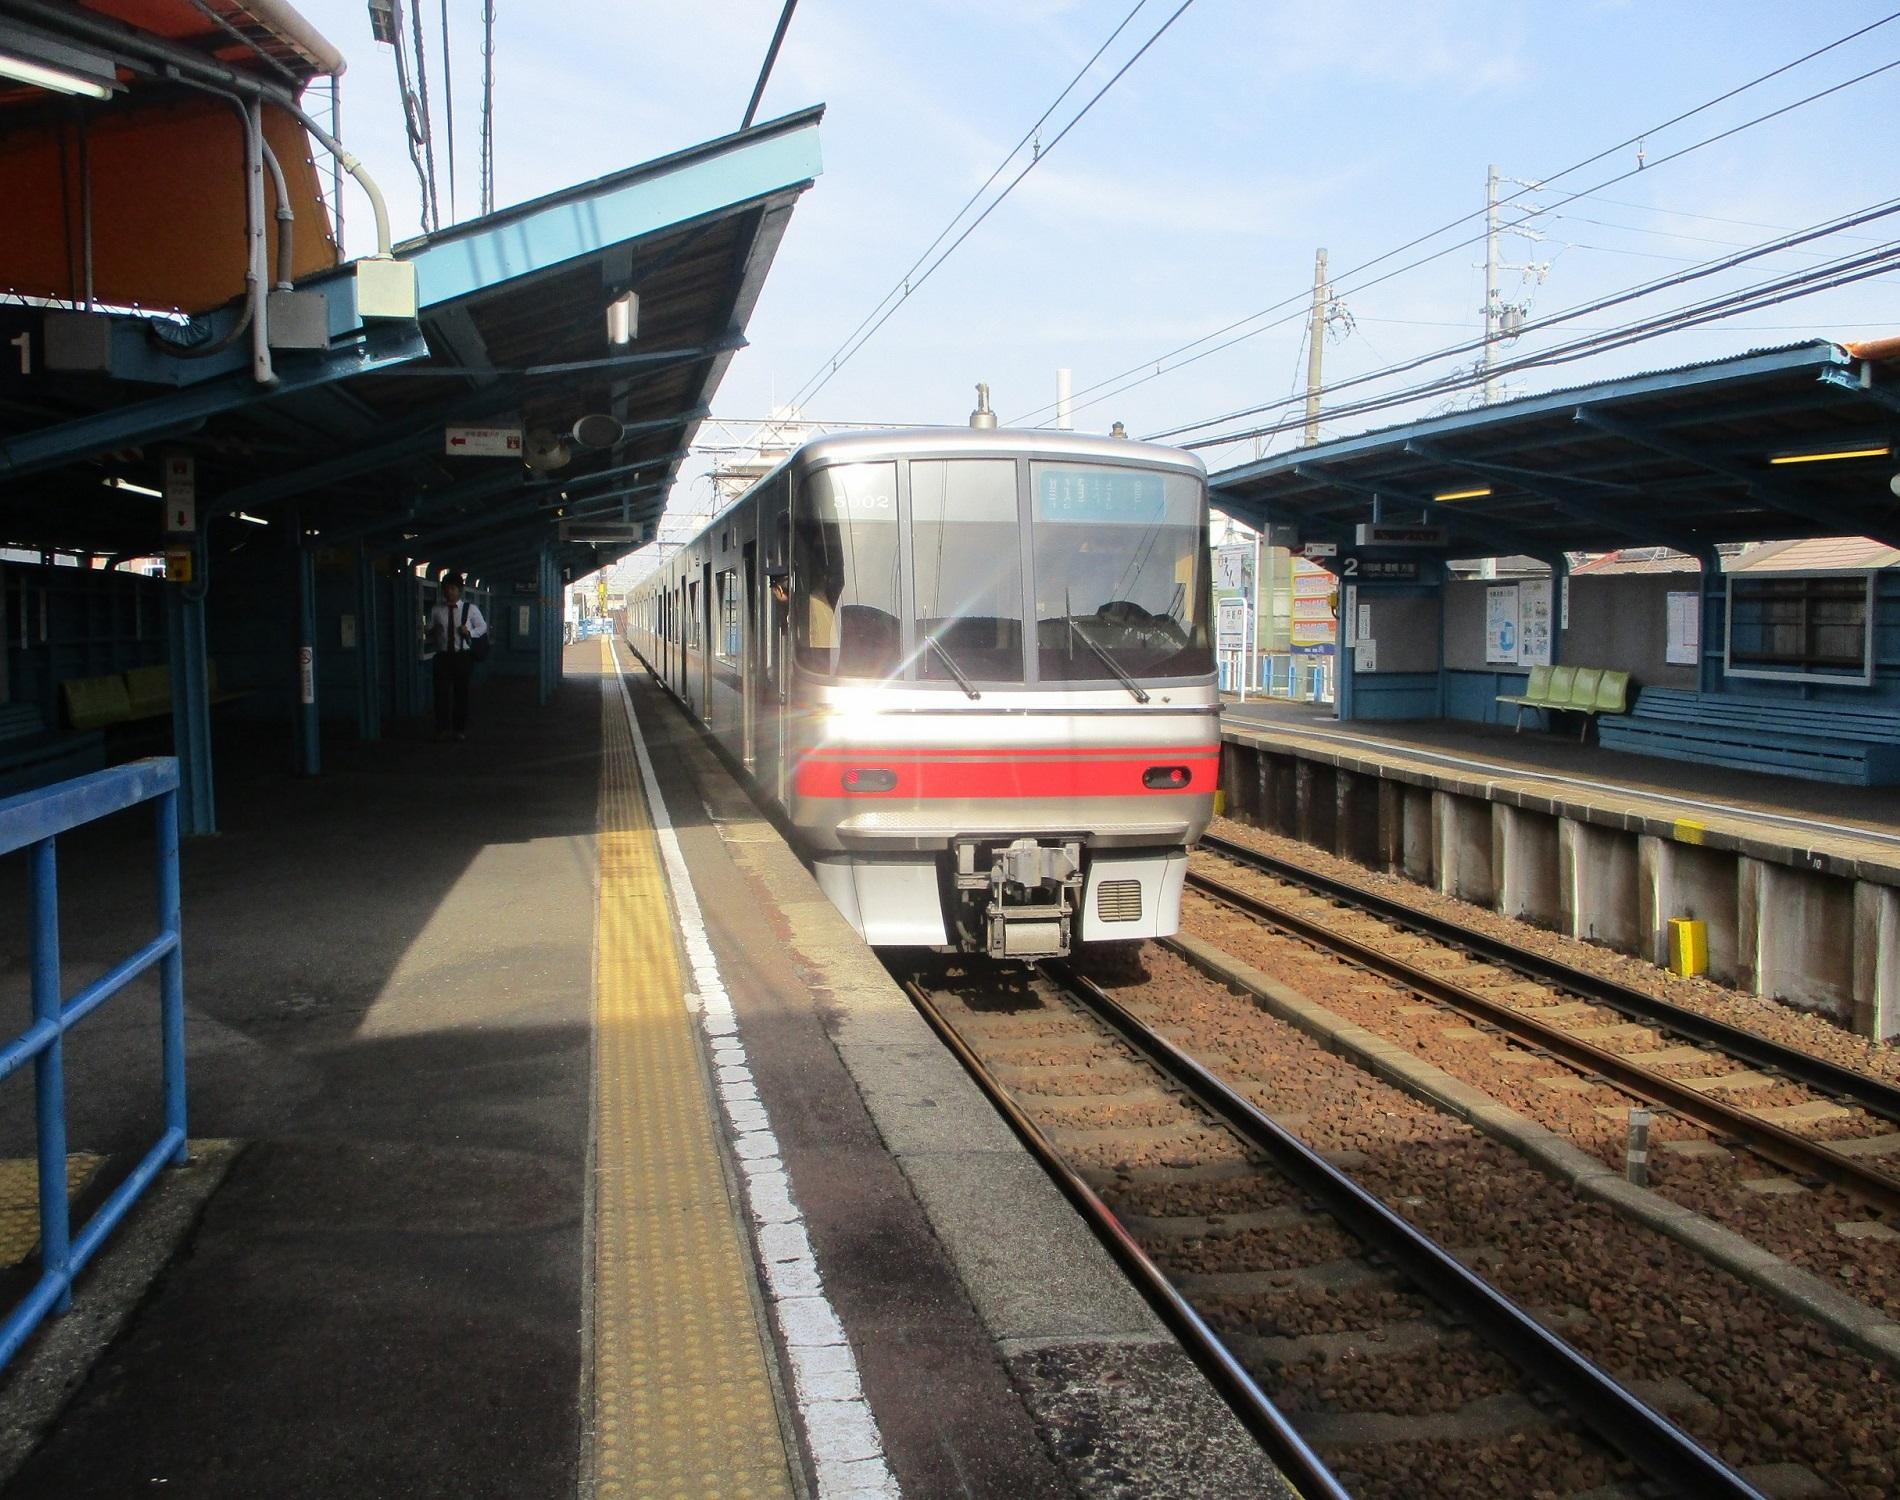 2019.10.31 (4) 呼続 - 岩倉いきふつう 1900-1500